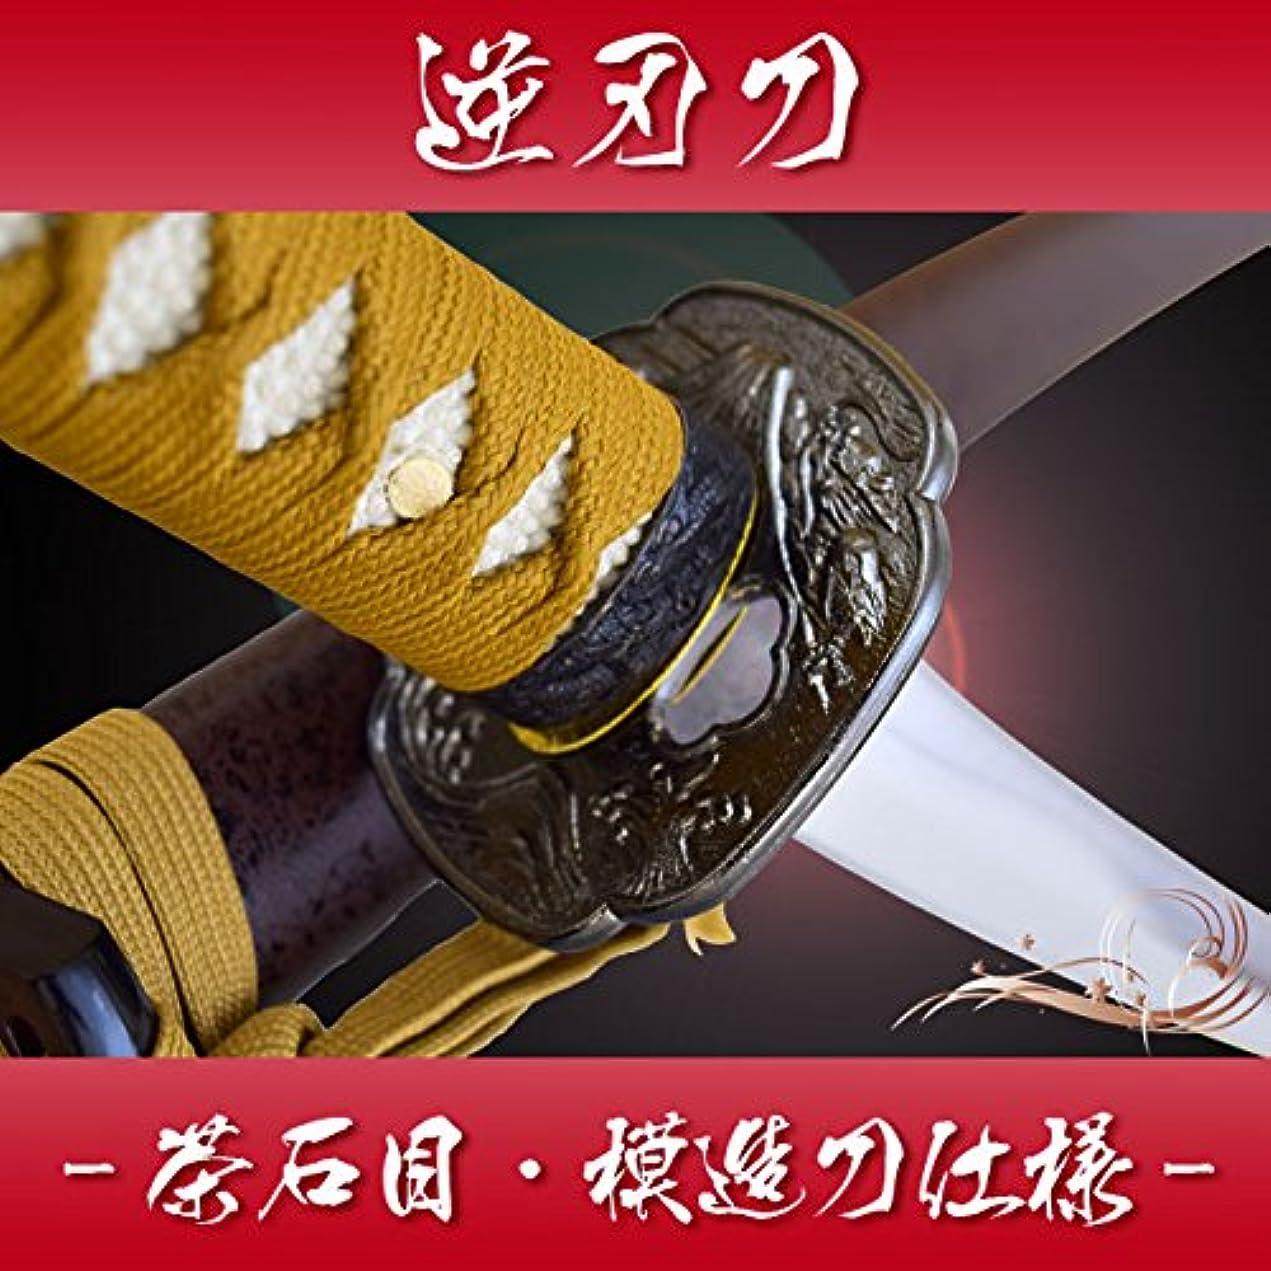 テナント指令朝ごはん美術刀剣-模造刀 るろうに剣心 緋村剣心の愛刀『逆刃刀 茶石目』